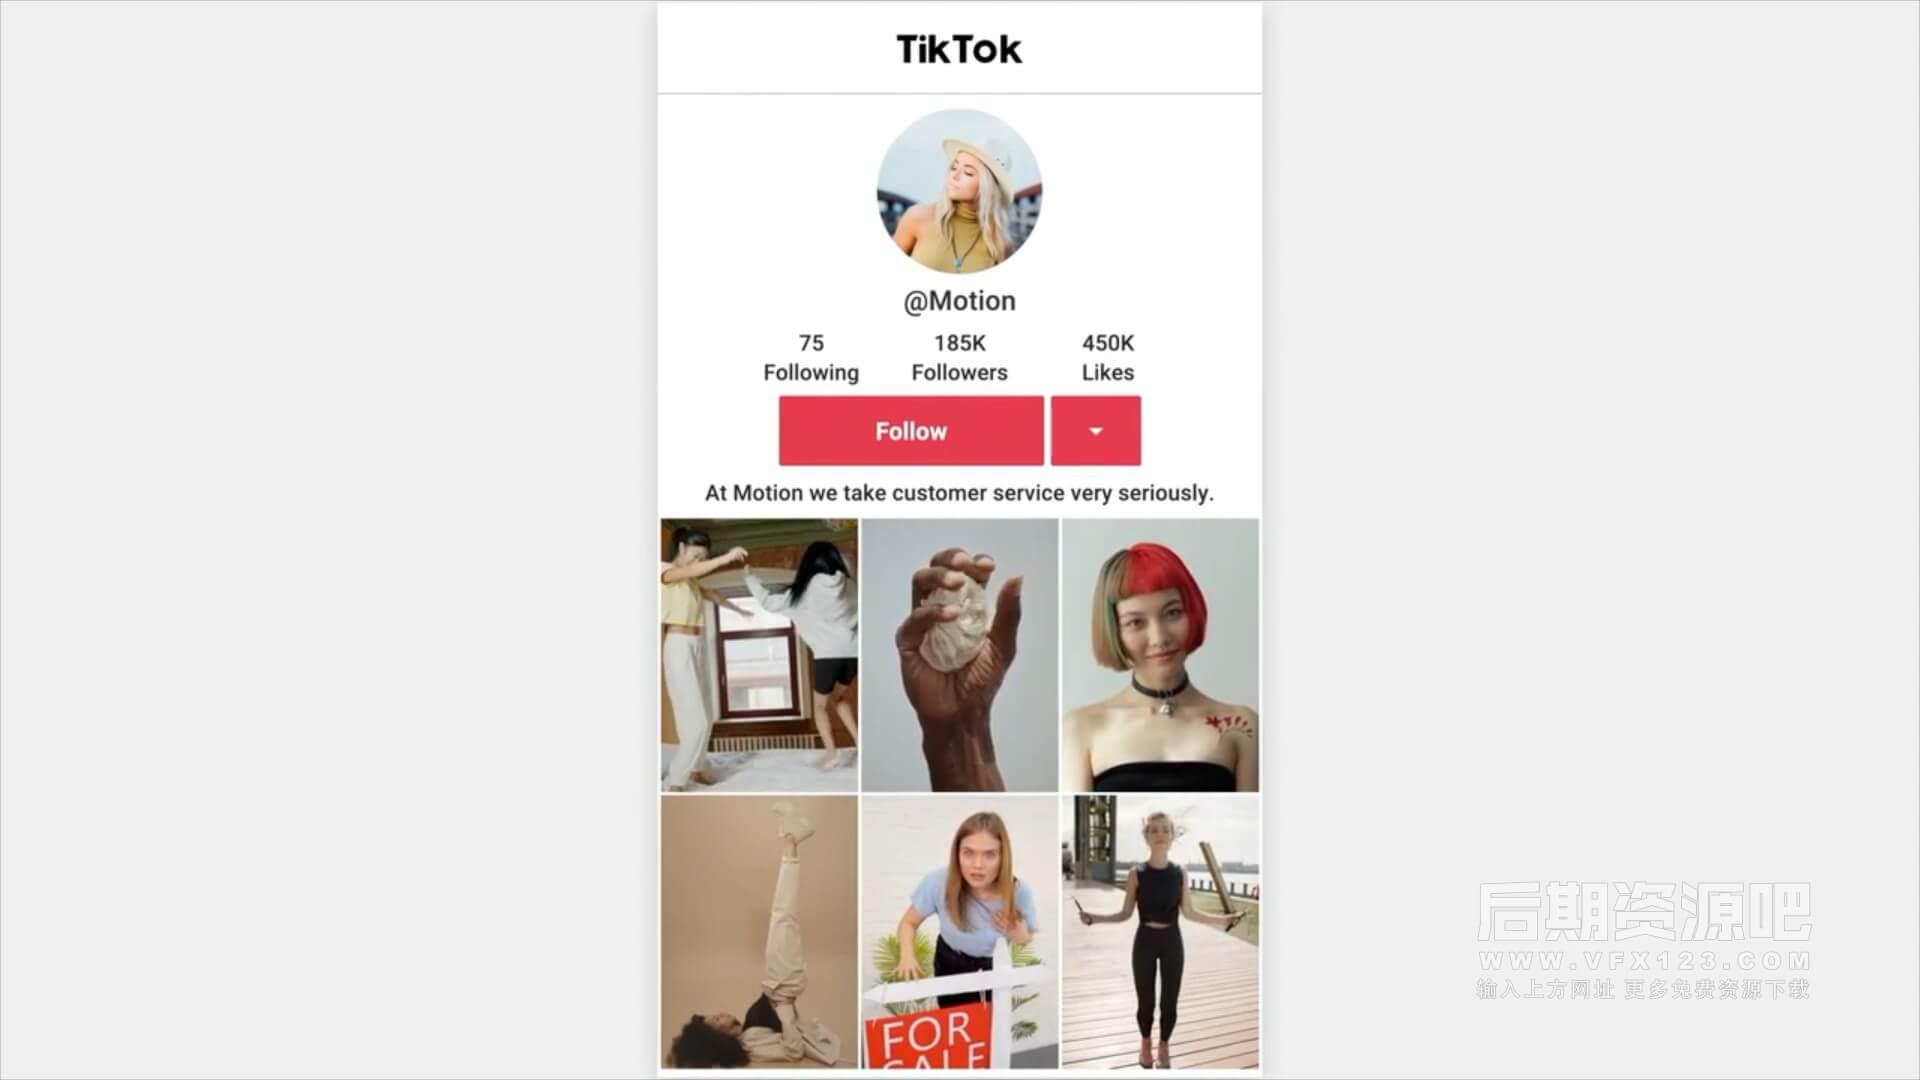 fcpx插件 抖音账号推广视频制作模板 包括UI界面等 TikTok Promo